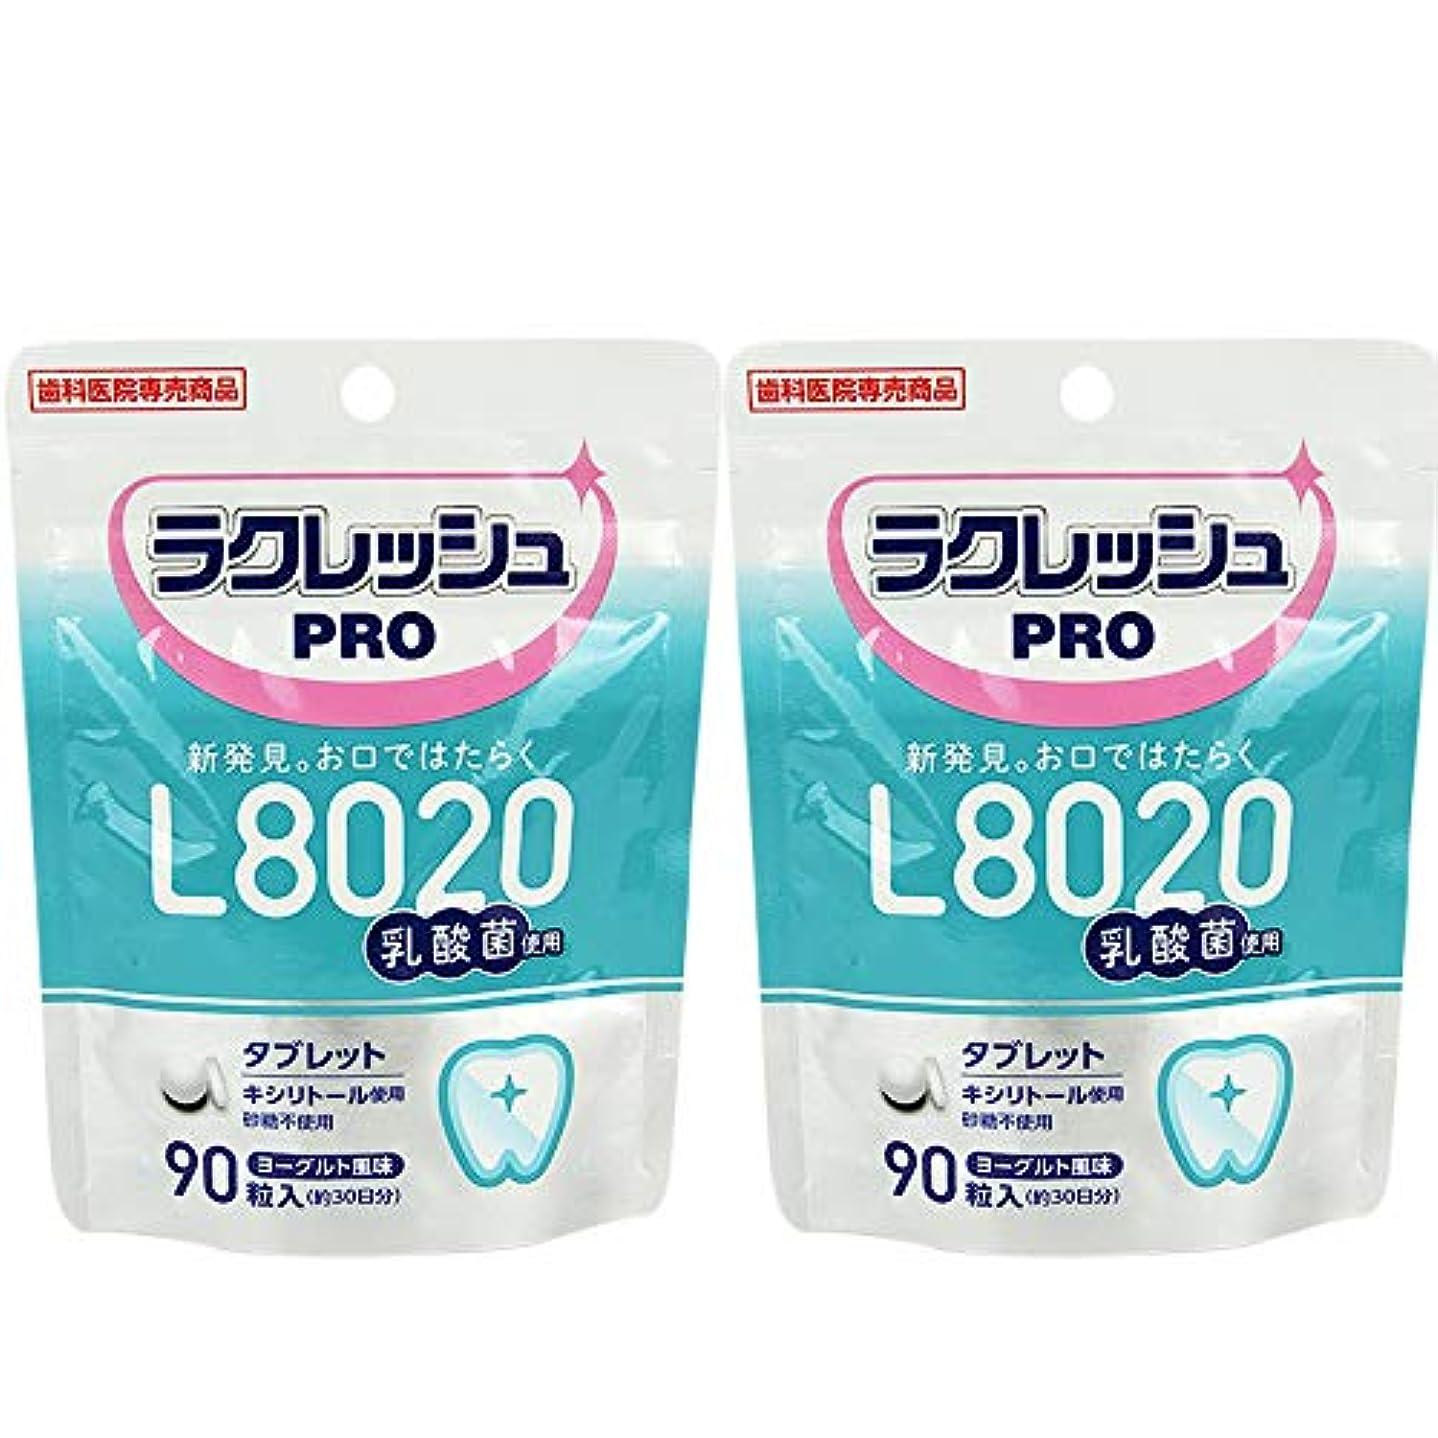 恩恵チョーク課すL8020 乳酸菌 ラクレッシュ PRO タブレット 90粒 × 2個 歯科専売品